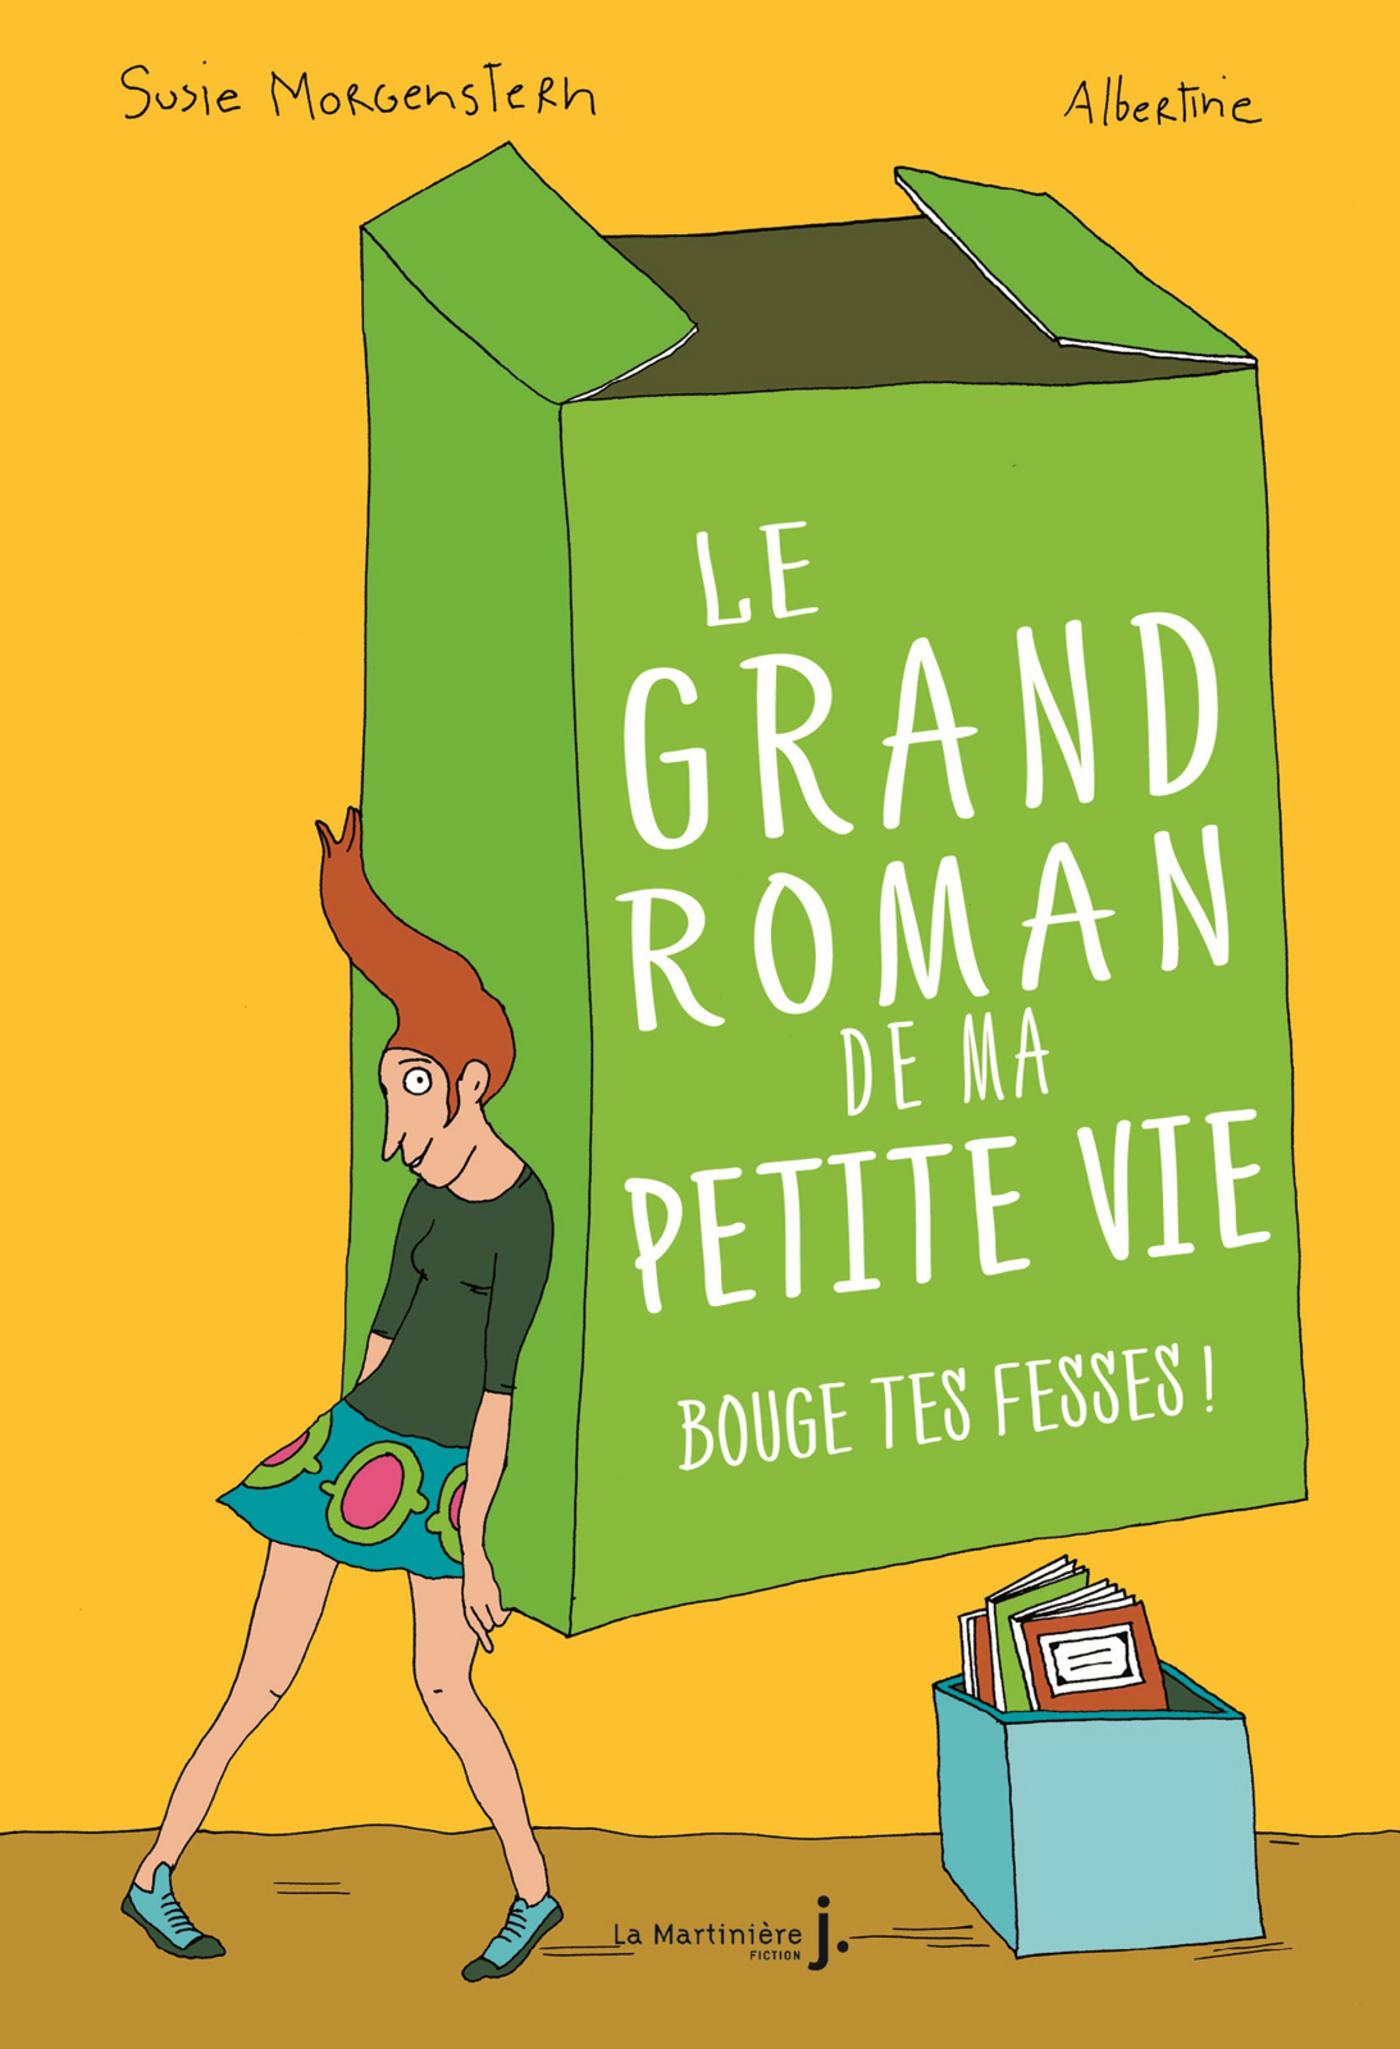 Bouge tes fesses. Le Grand roman de ma petite vie, tome 2 | Morgenstern, Susie